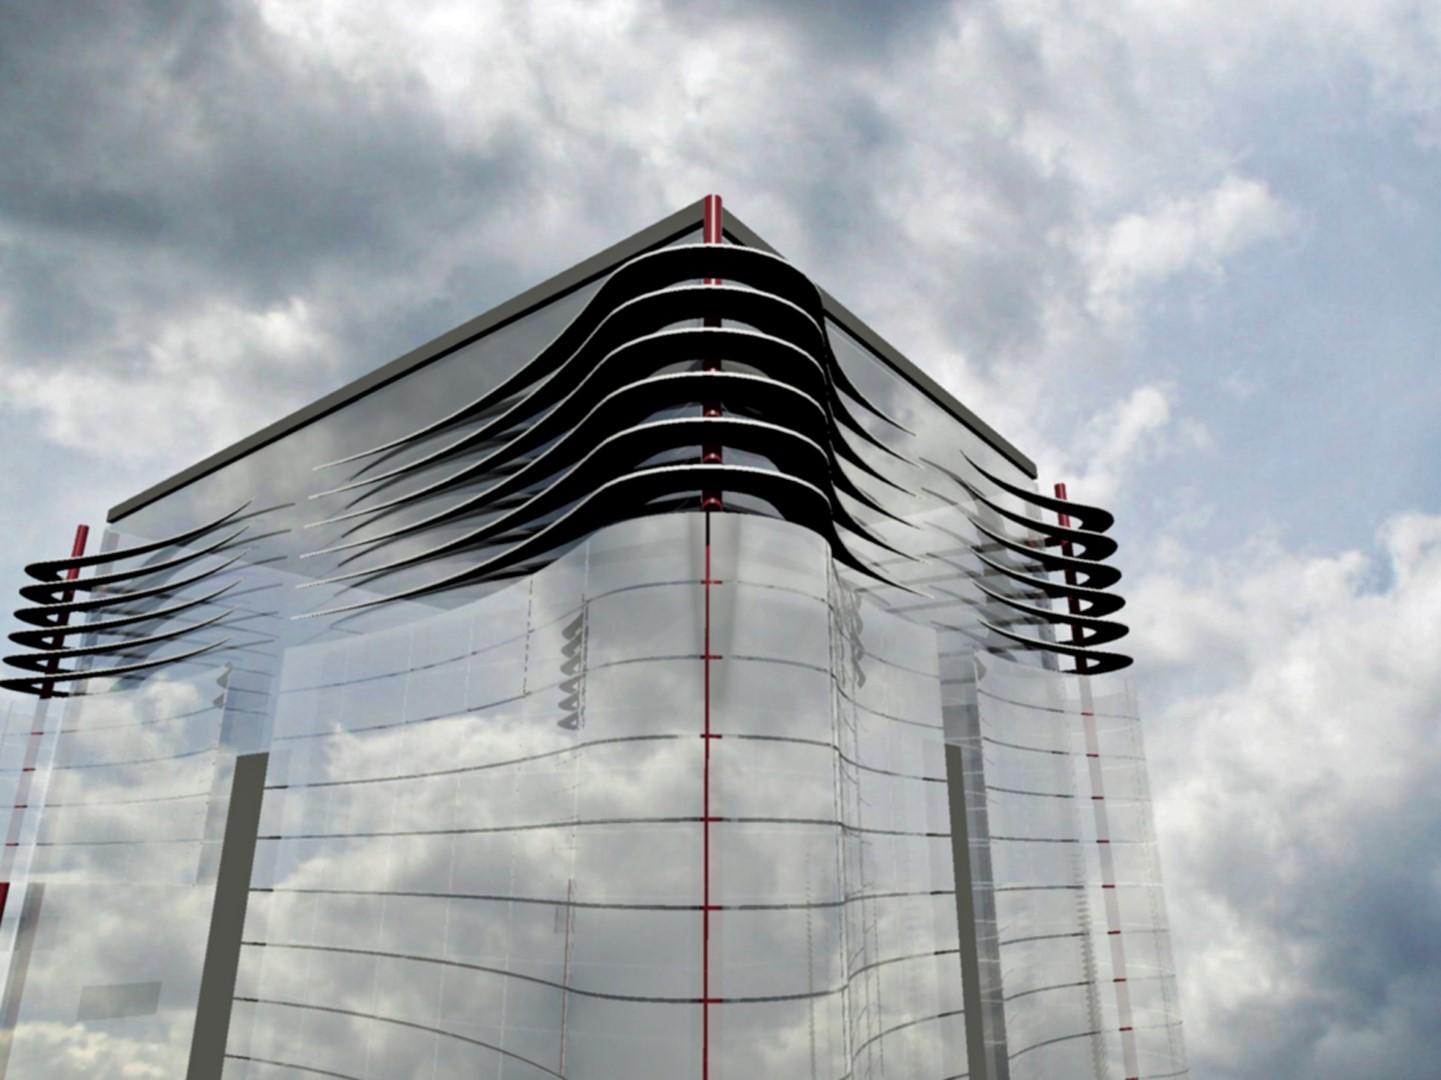 Διεθνής Αρχιτεκτονικός Διαγωνισμός με θέμα Πύργος Πειραιά: Αλλάζοντας την πρόσοψη